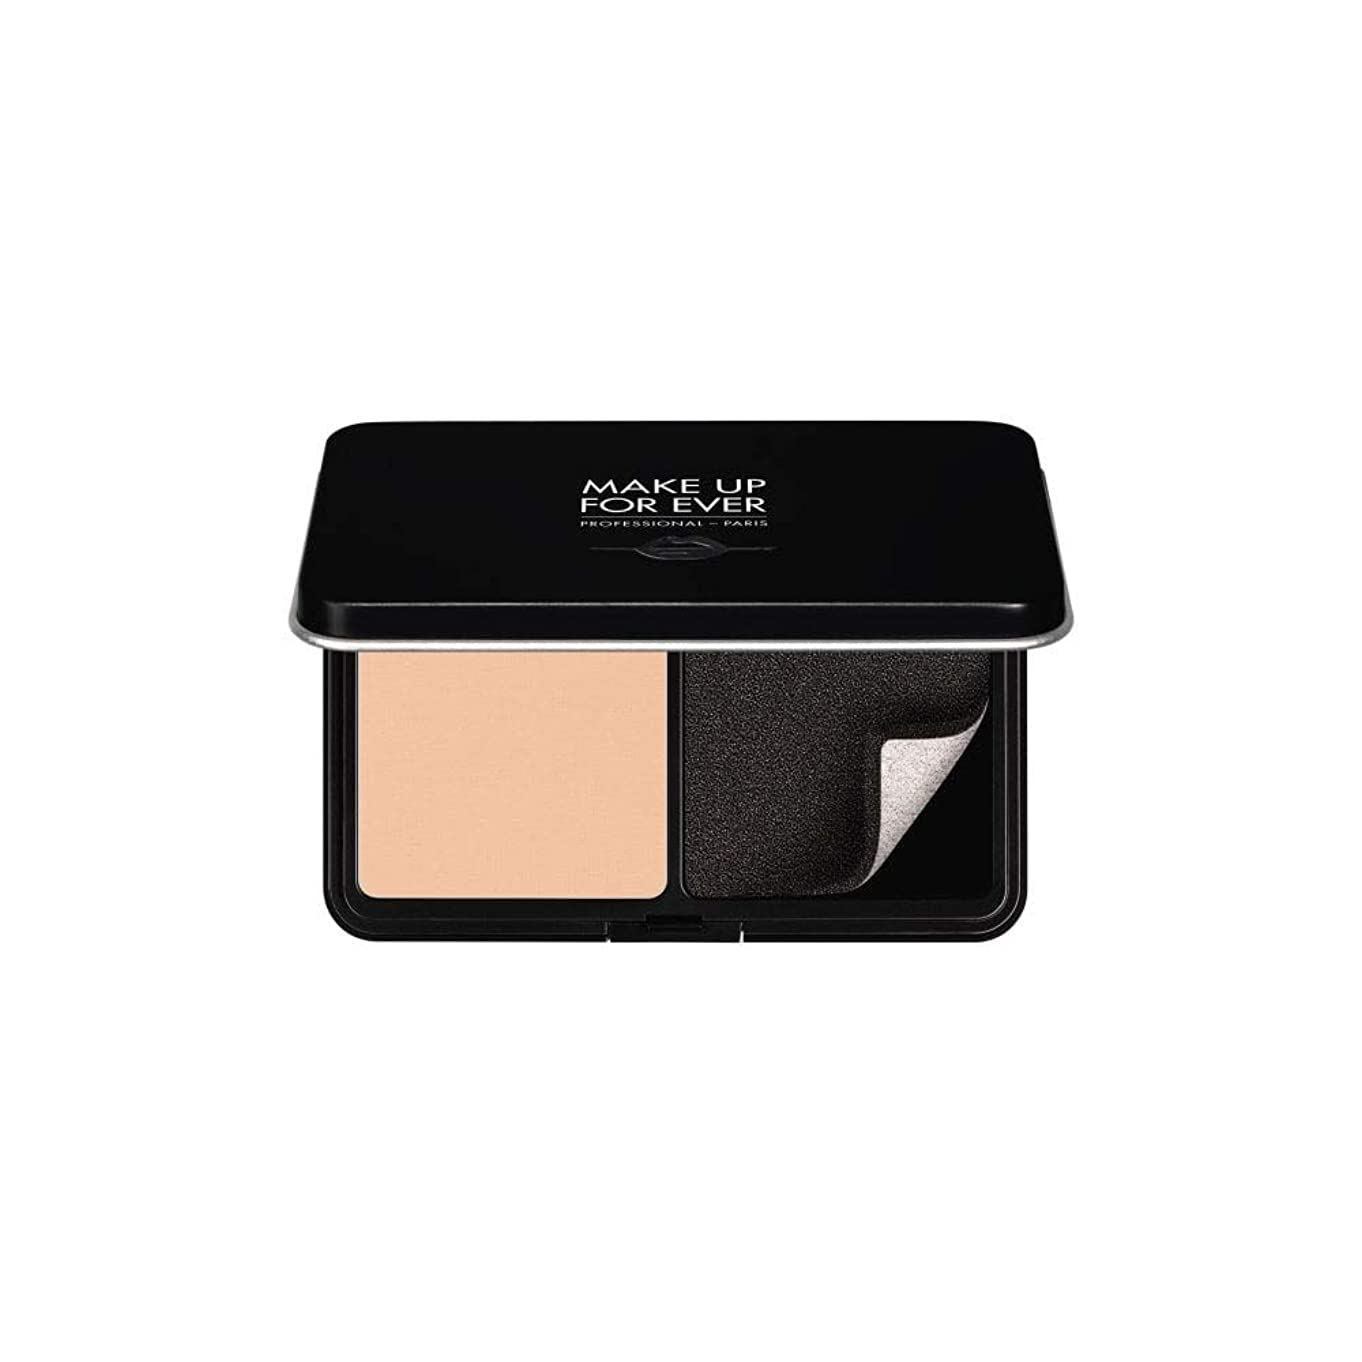 ロードブロッキング口径財団メイクアップフォーエバー Matte Velvet Skin Blurring Powder Foundation - # R220 (Pink Porcelaine) 11g/0.38oz並行輸入品